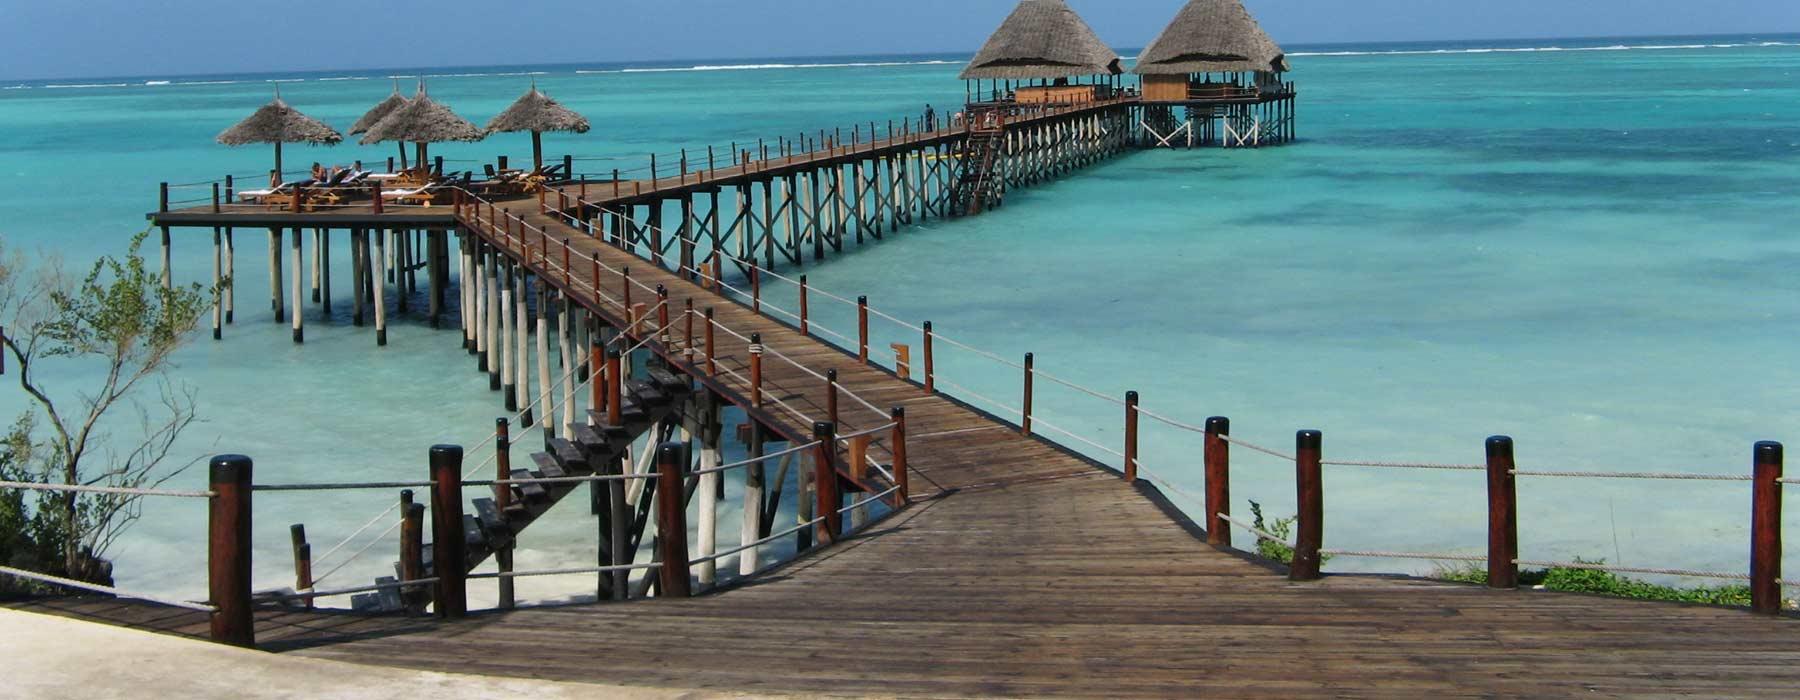 6 Days Zanzibar Getaway